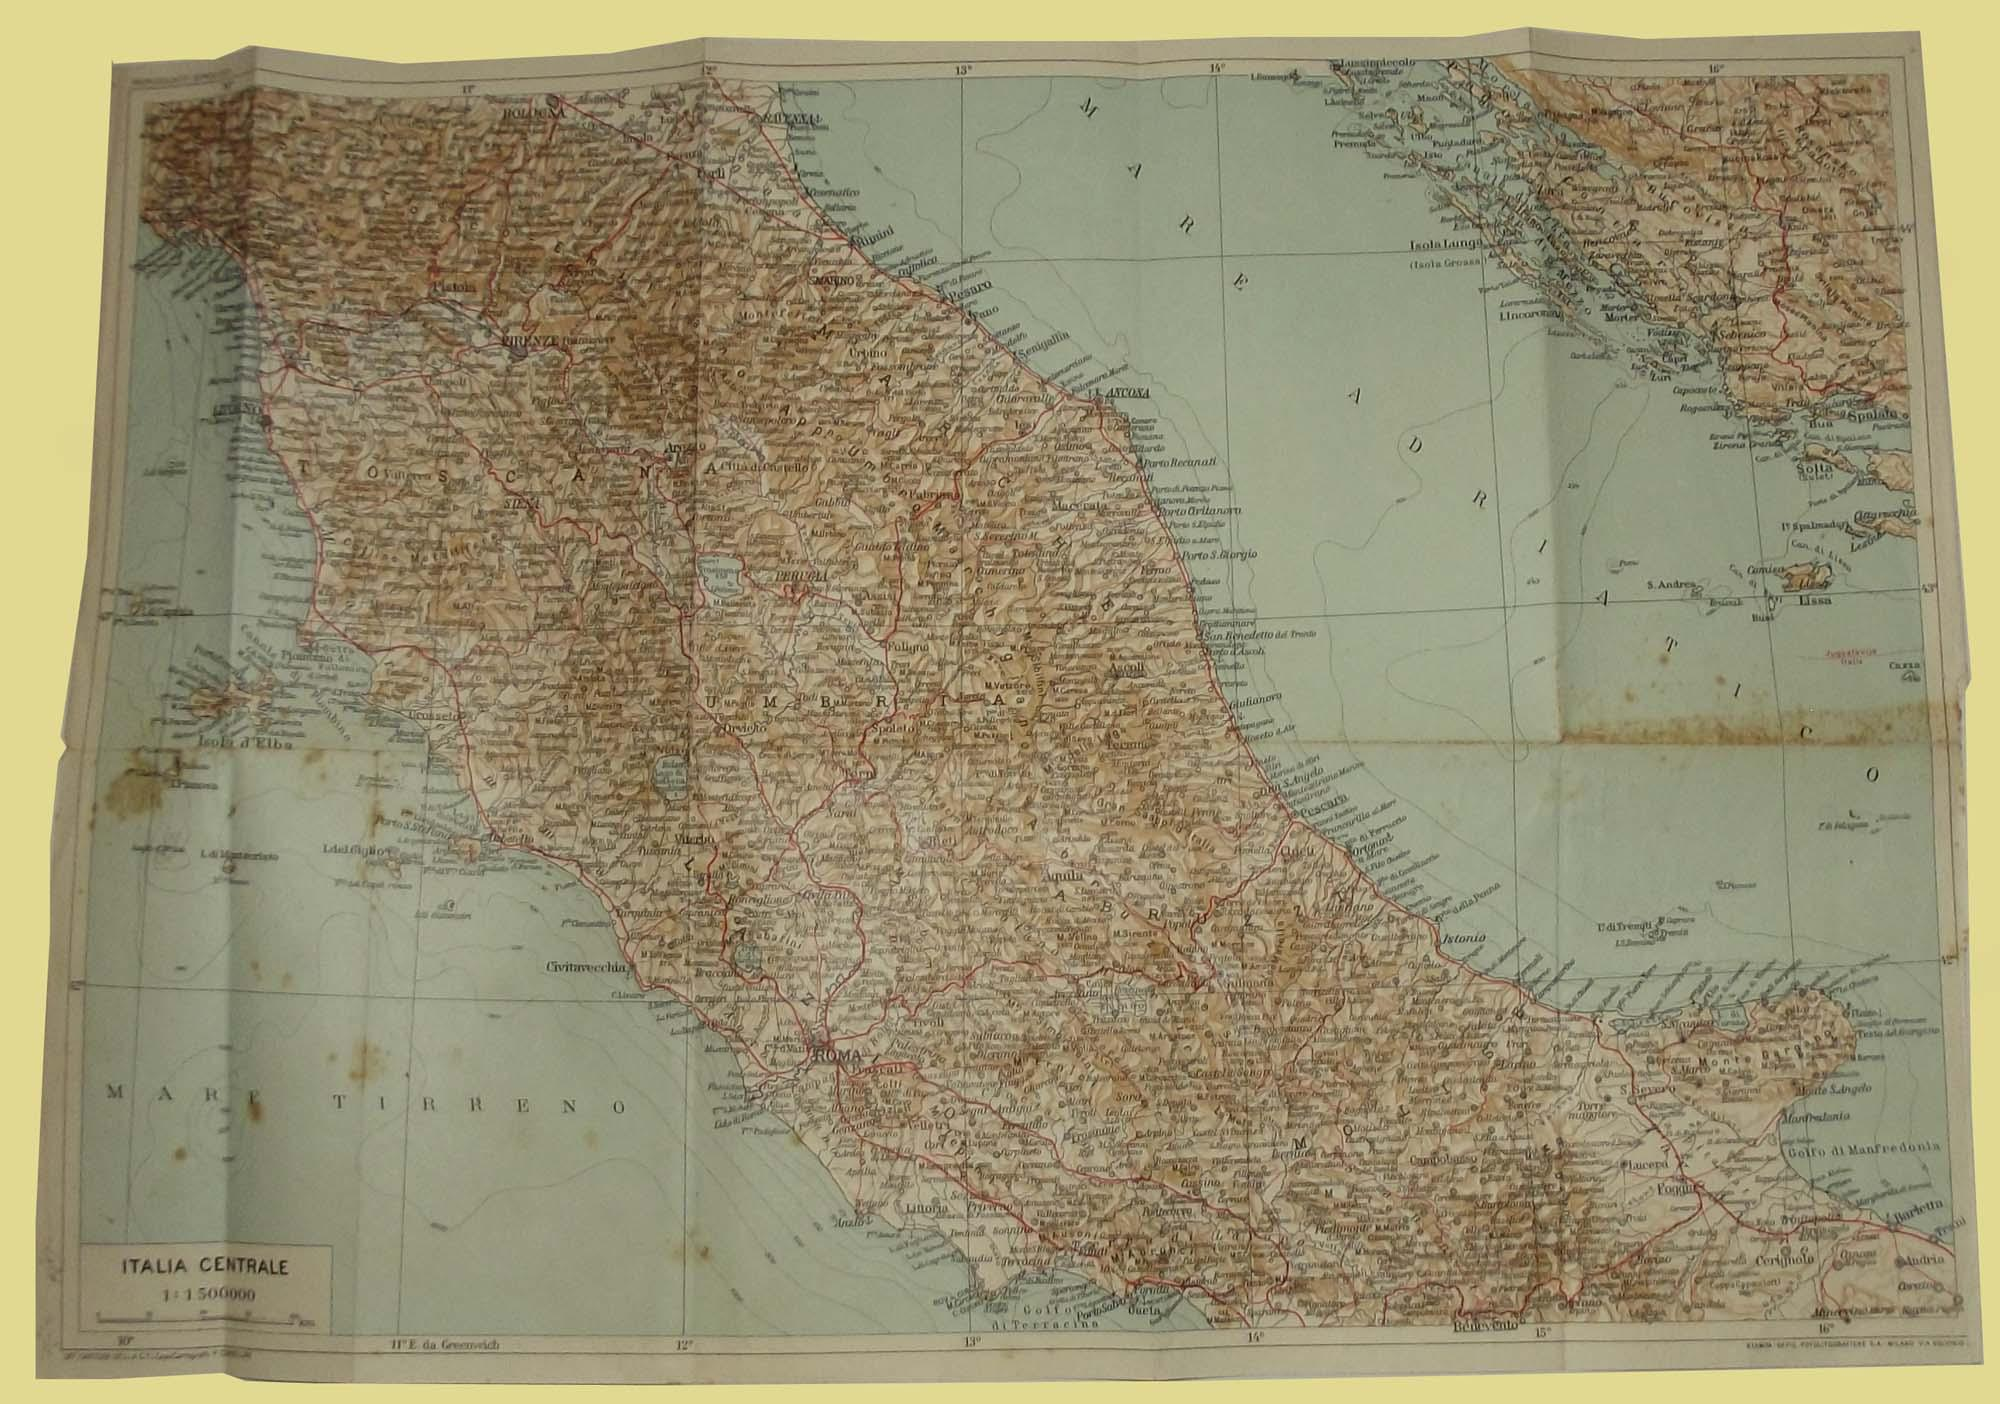 Cartina Italia Centrale E Meridionale.Italia Centrale Carta Geografica Mappa Studio Bibliografico Imprimatur